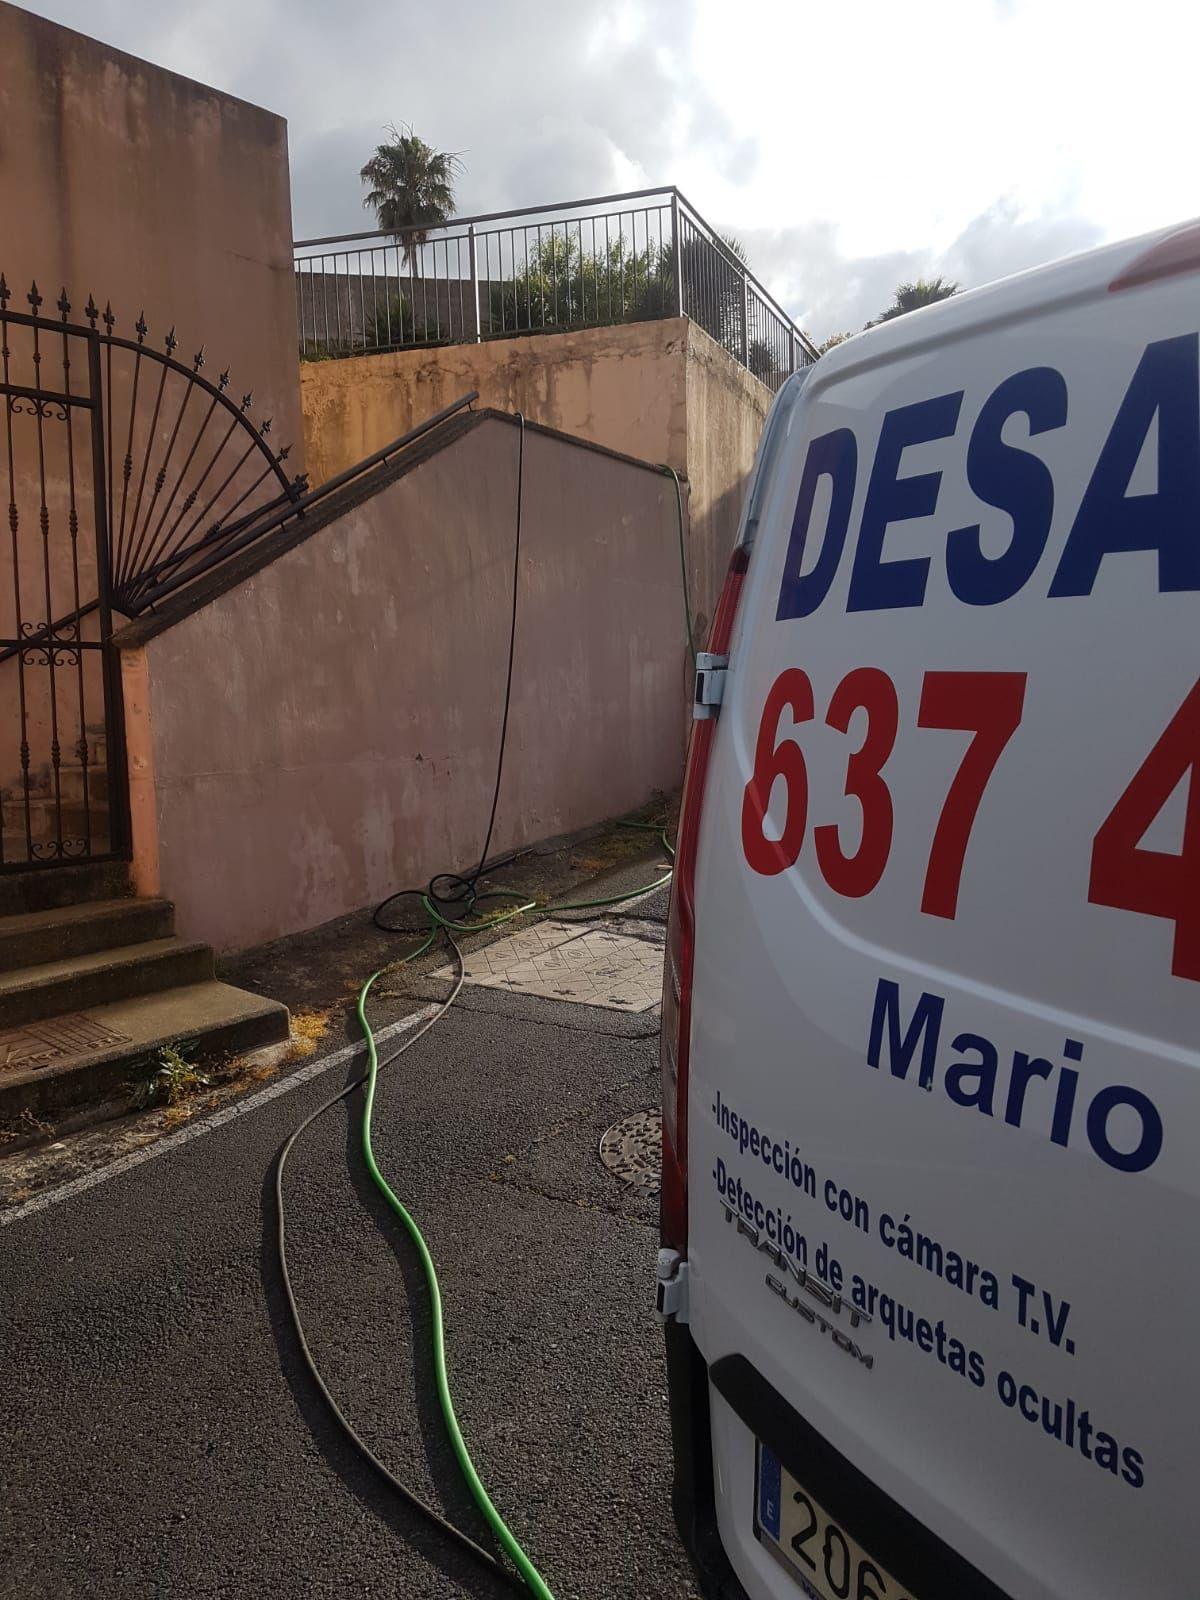 Desatascos urgentes Las Palmas. Inspección con cámara Tv. Detección arquetas ocultas.